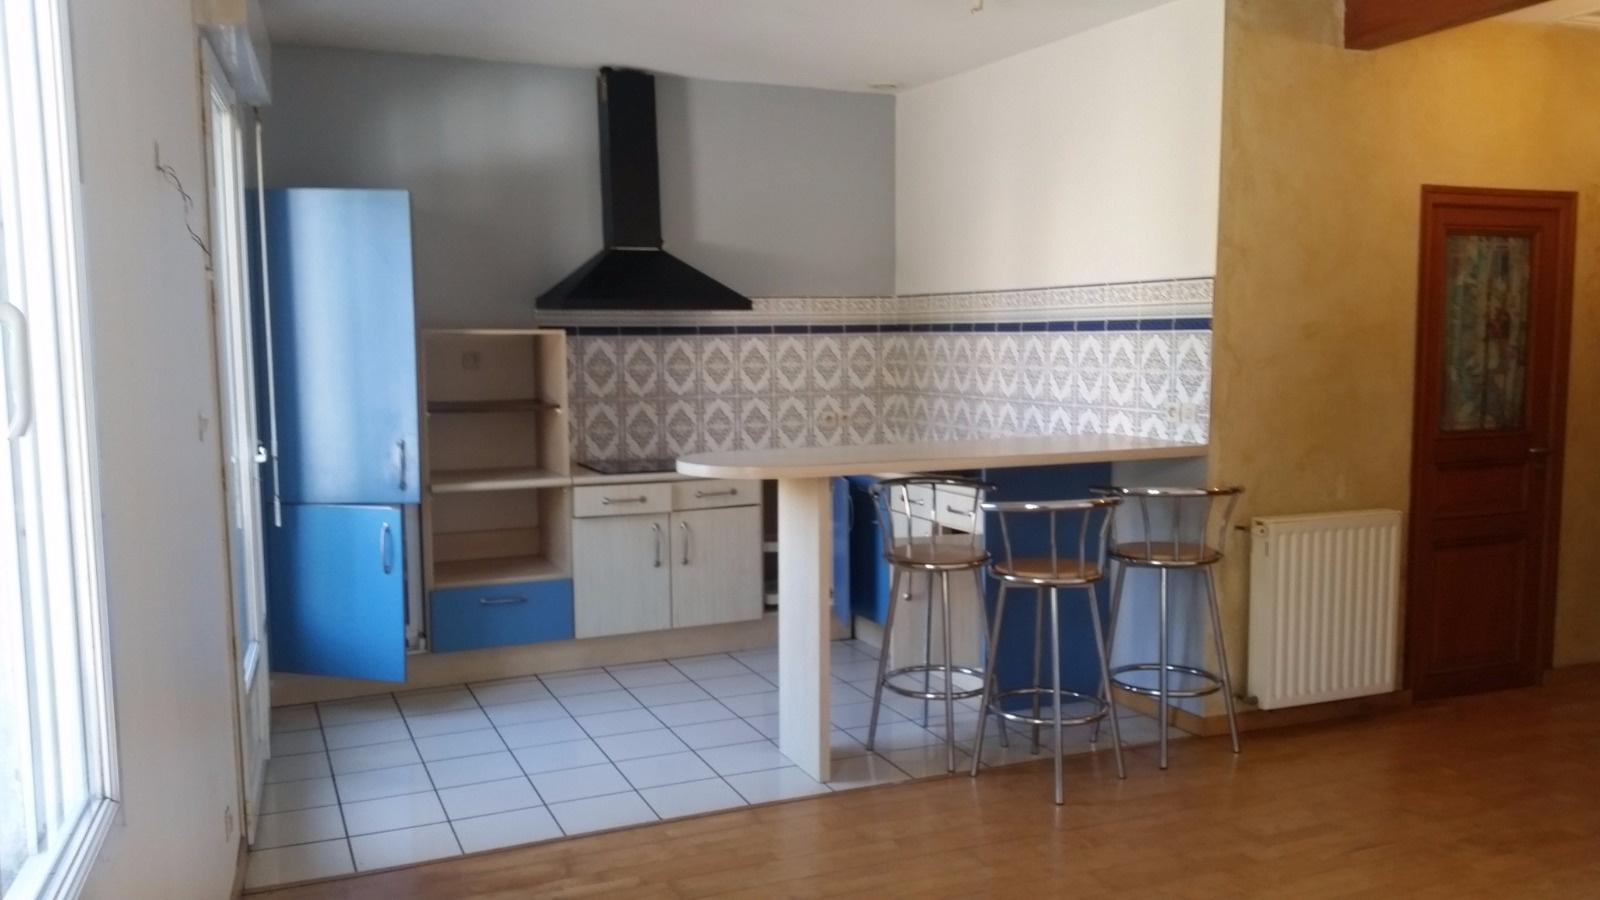 Vente appartement duplex garage brest 29200 for Garage brest kerinou